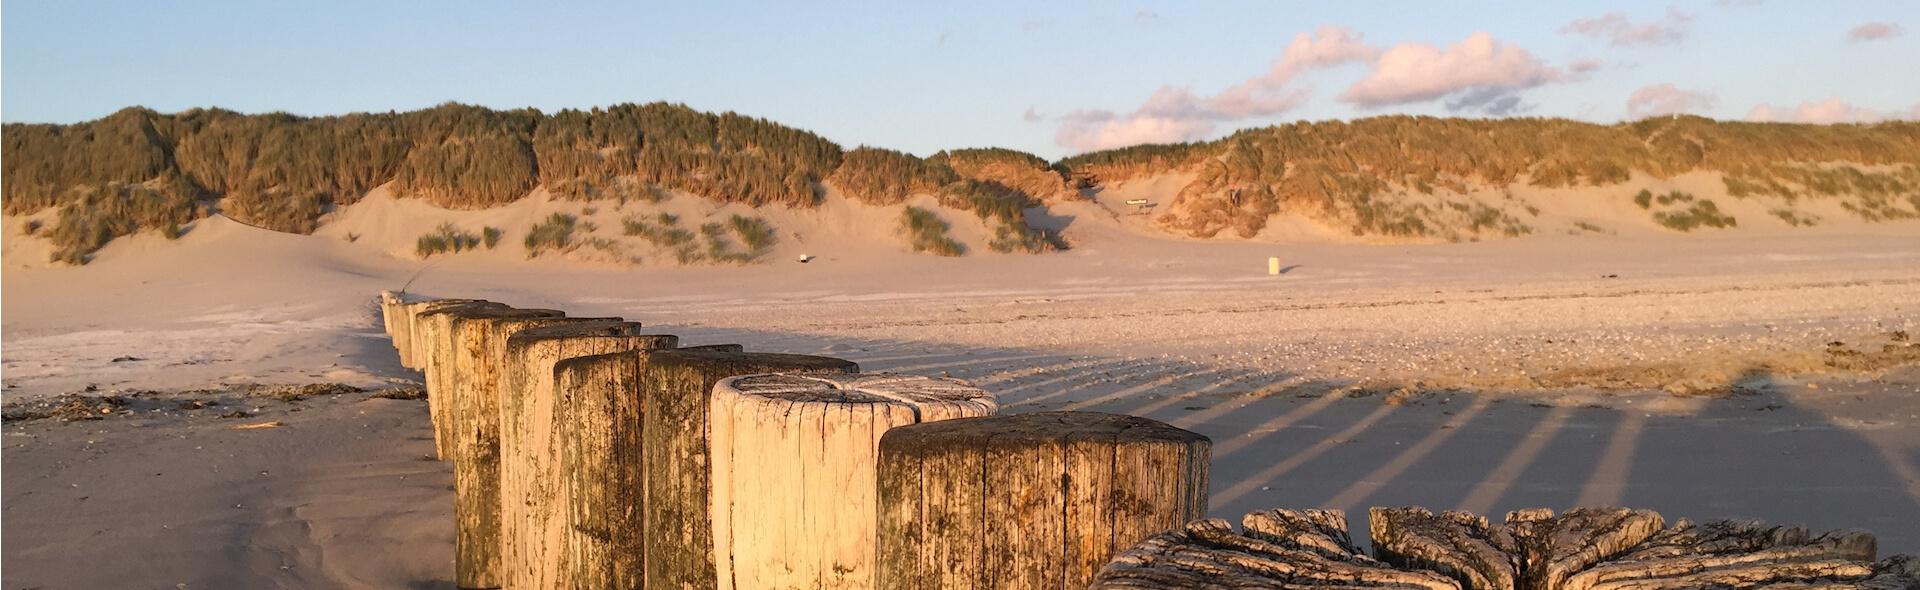 Strand Ameland - Vakantiebungalows Ameland